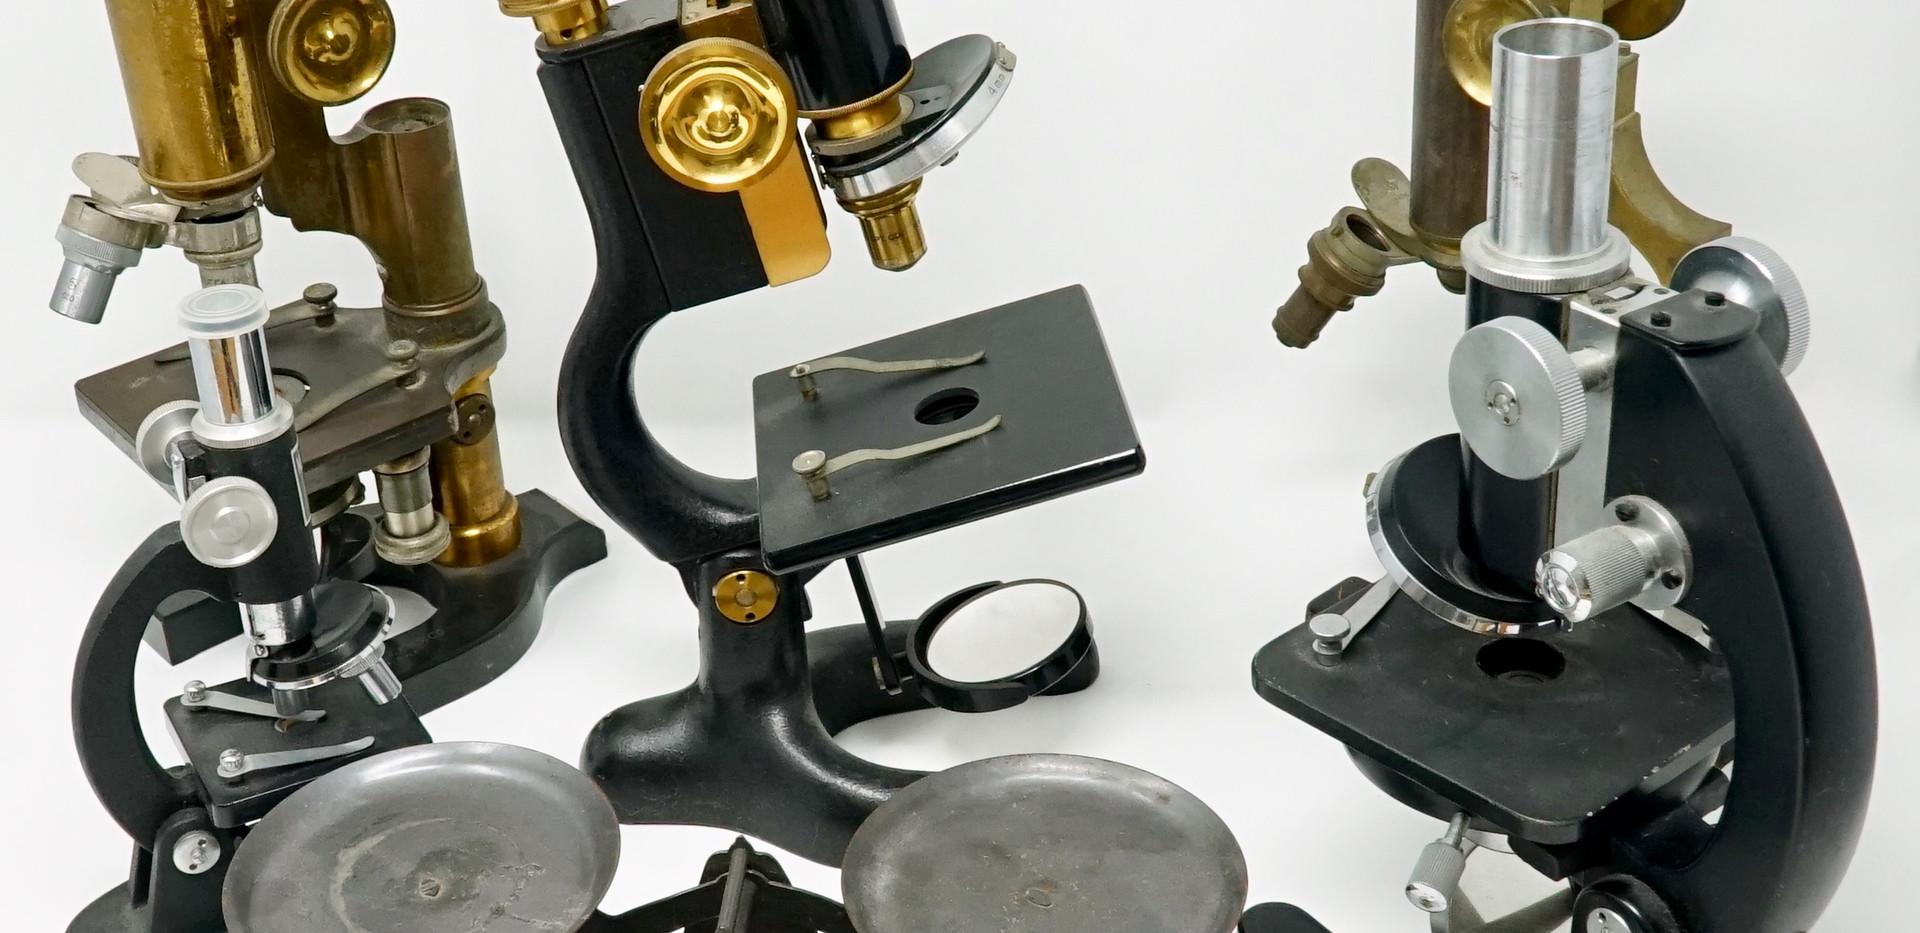 Antique Science Equipment Rentals